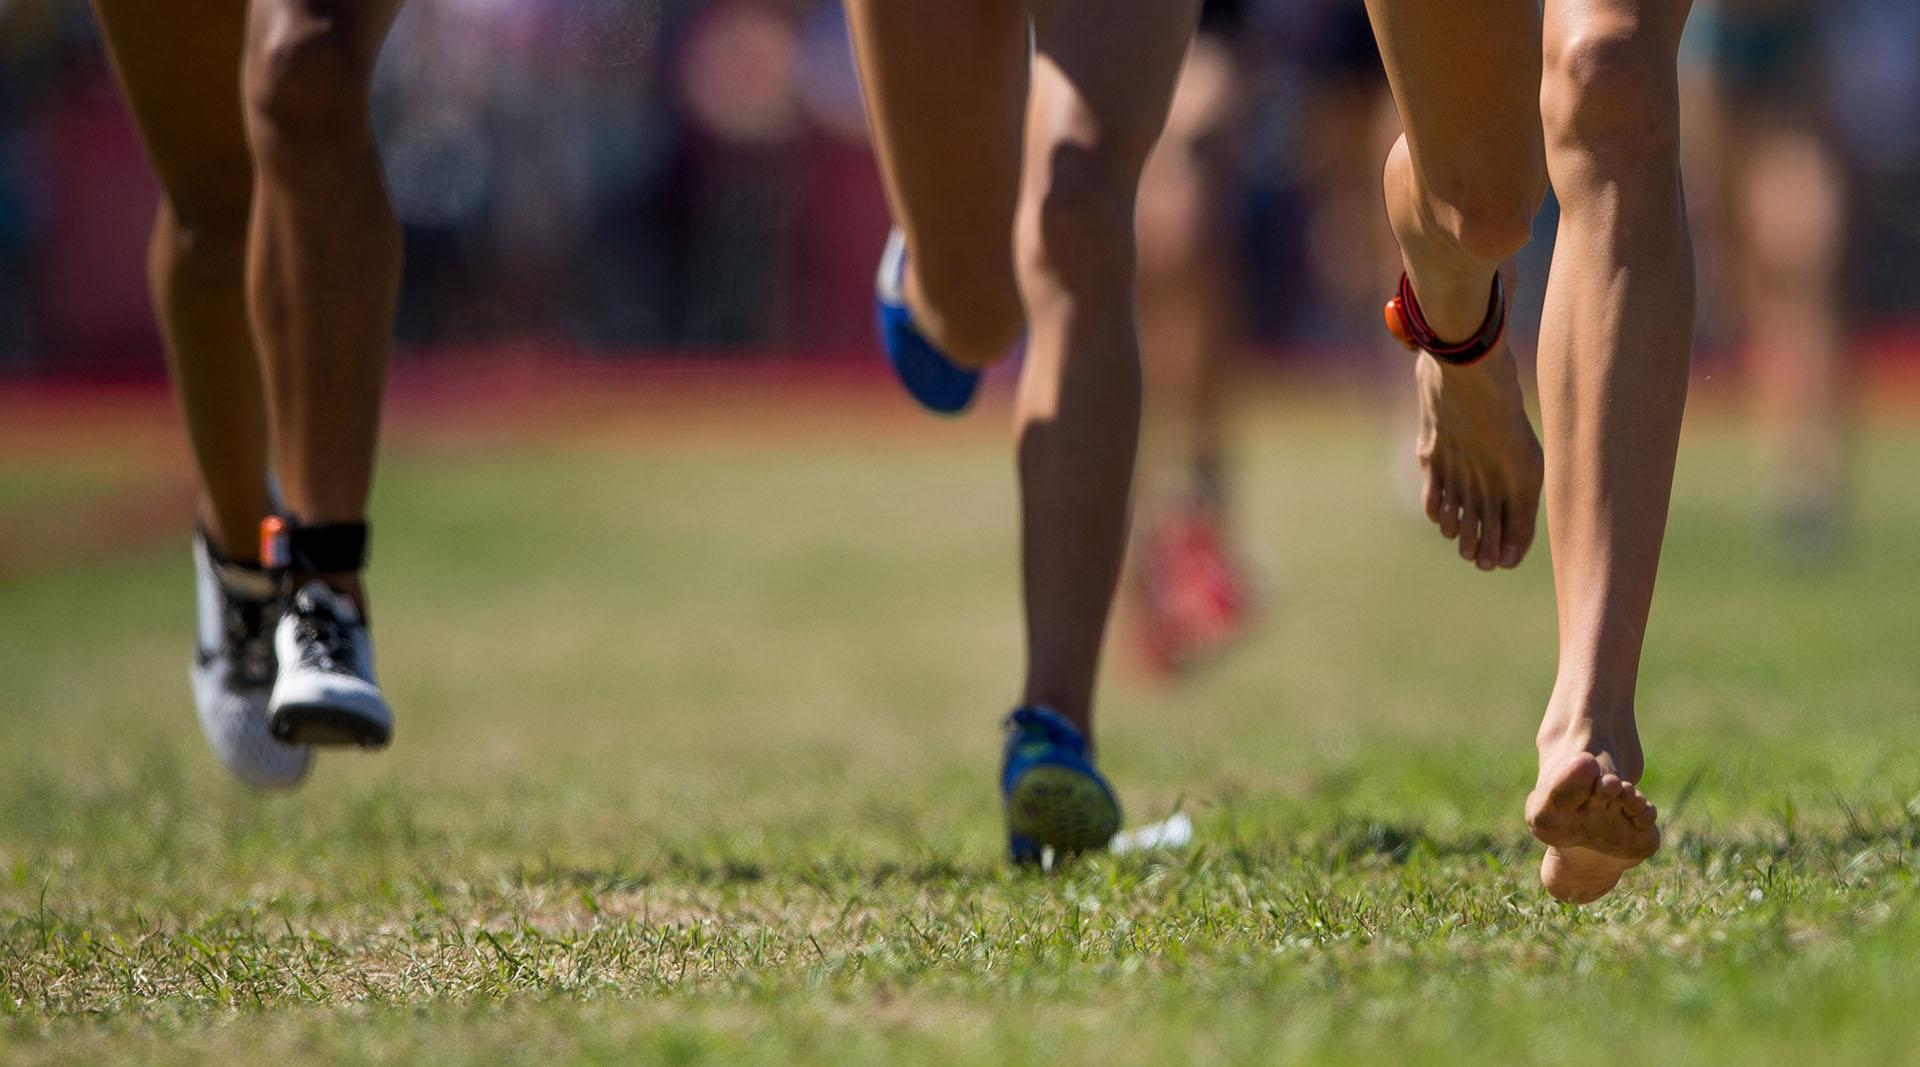 Carmie Prinsloo, de Rusia, corre descalza durante la final de Atletismo Femenino de Cross Country en el Pentatlón de los Juegos Olímpicos de la Juventud Buenos Aires 2018(REUTERS)